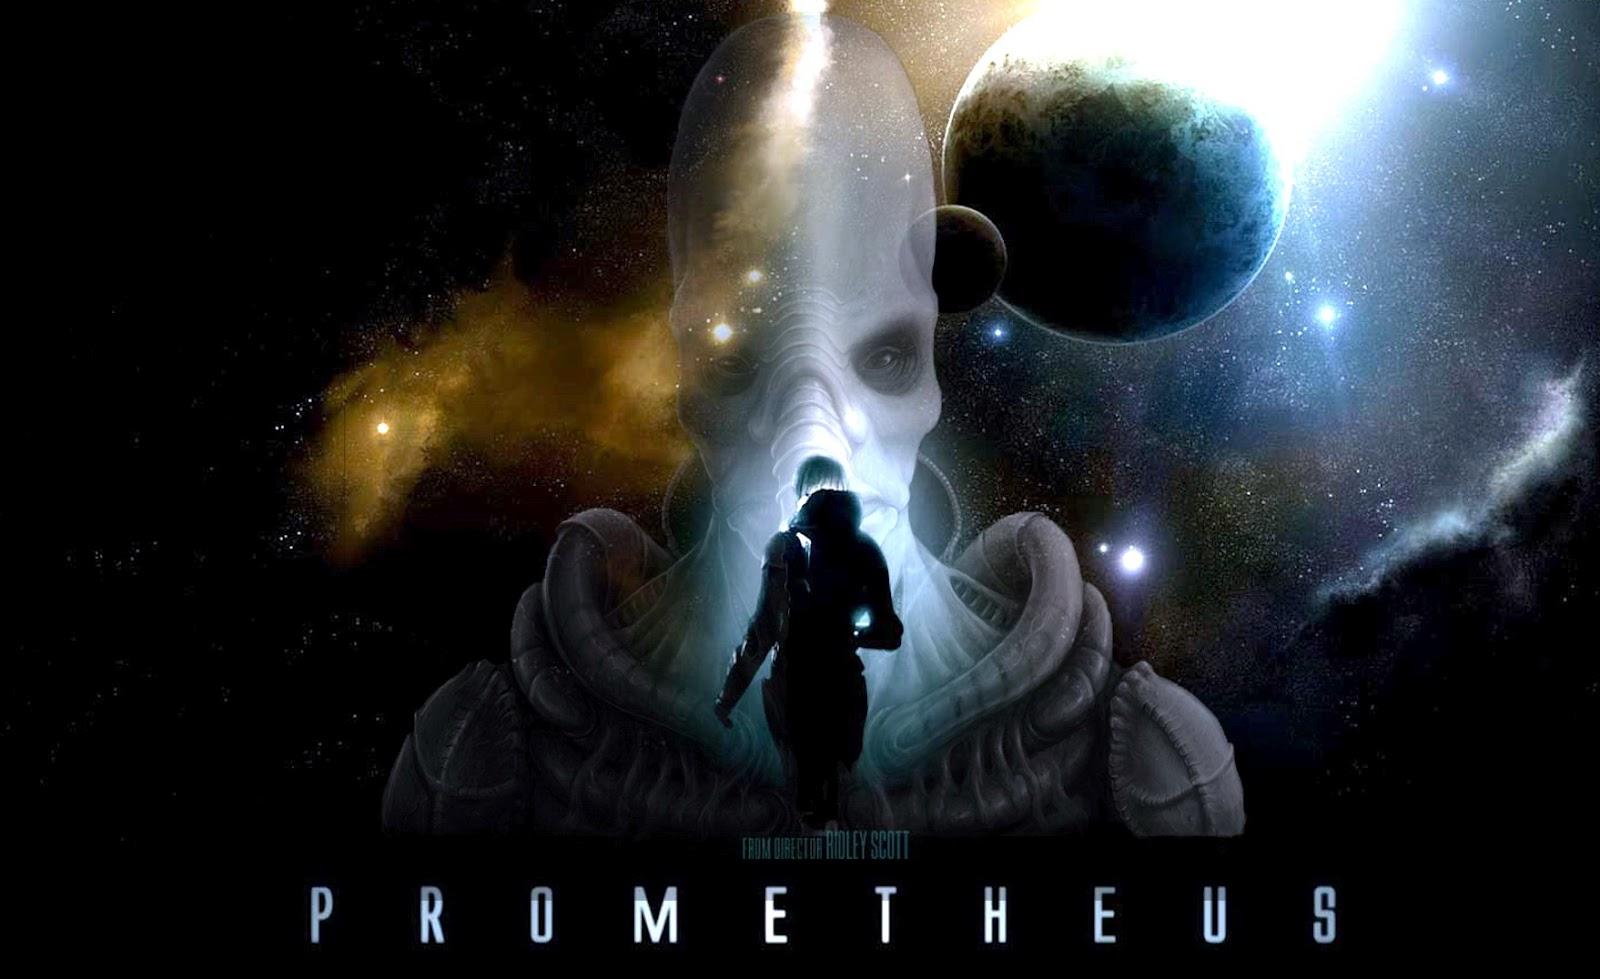 http://2.bp.blogspot.com/-Kvv-BnkbVWA/T8MQEzjgWgI/AAAAAAAAEno/wYkdtIPAG_Q/s1600/Prometheus-movie-Ridley-Scott.jpg